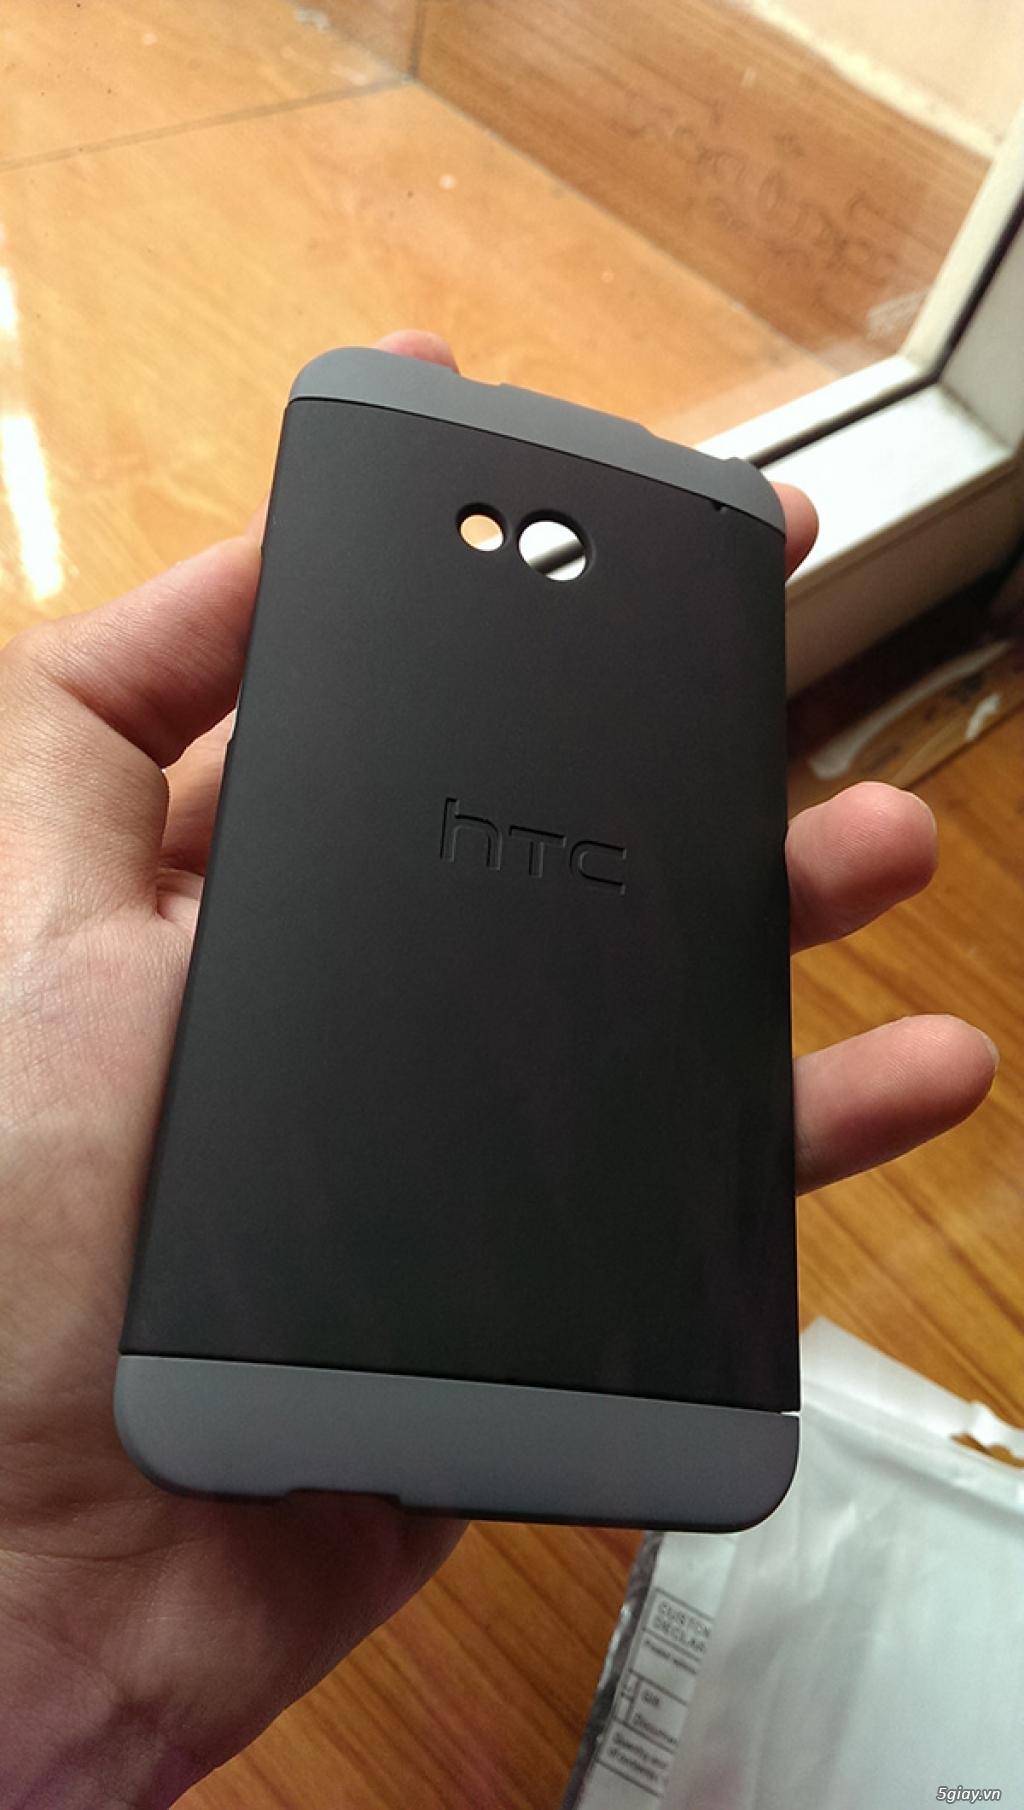 Bán case HTC ONE M7 double dip (3 mảnh) nhựa sơn mờ mới vừa bóc tem - 2